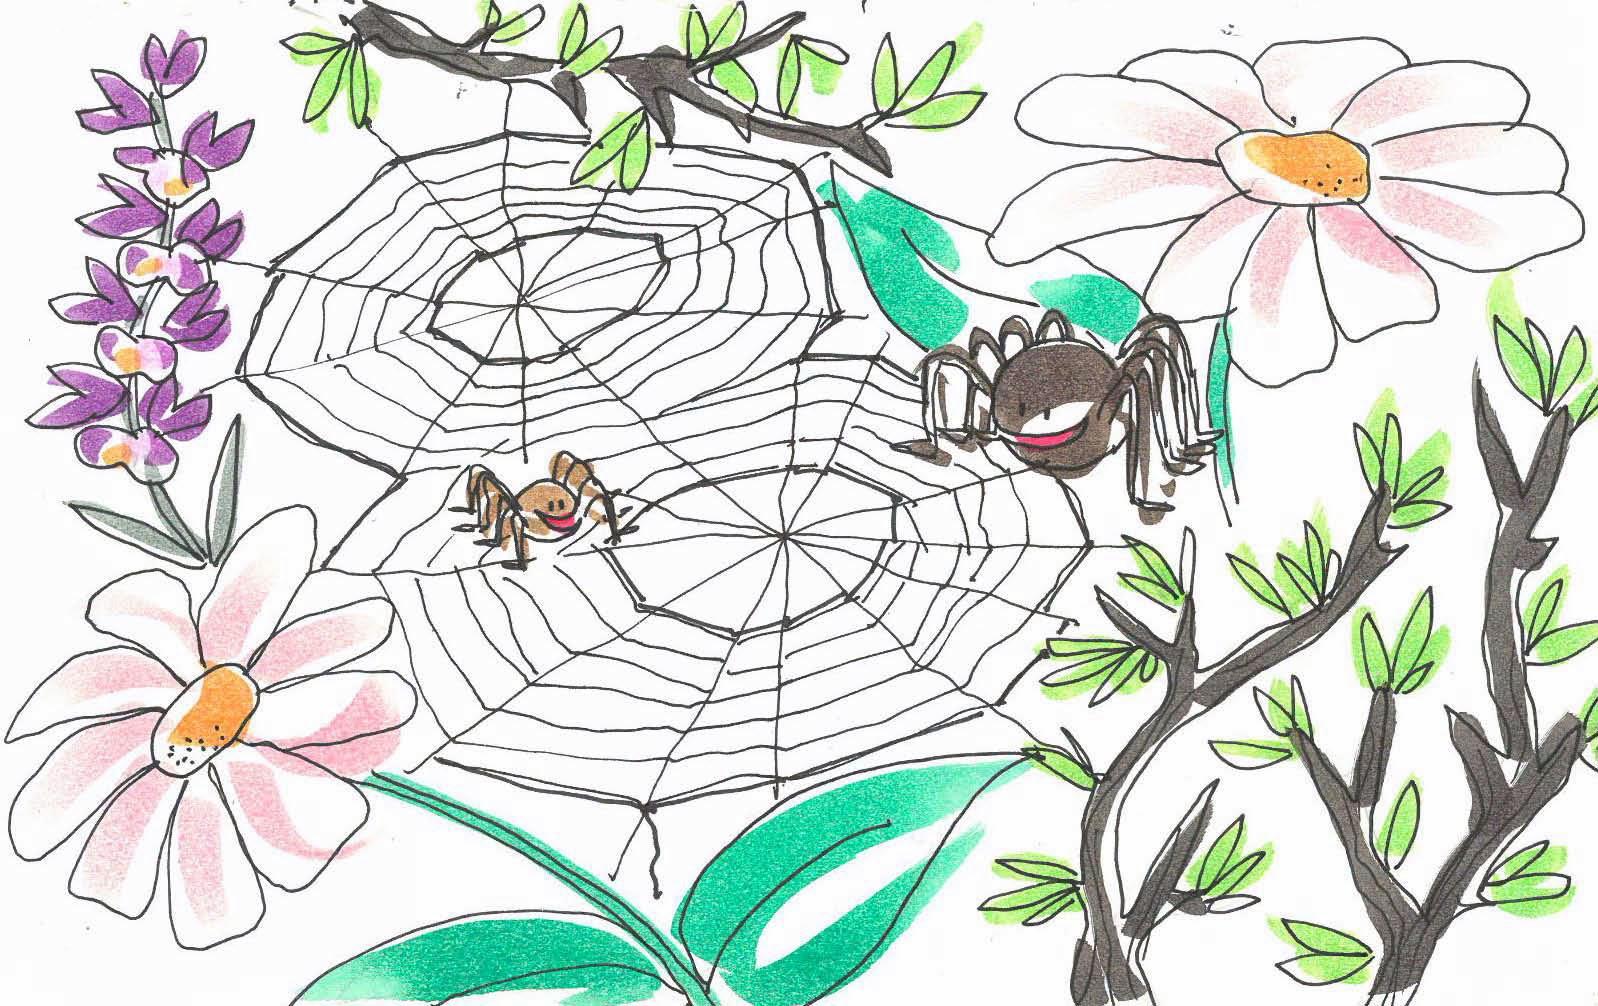 Cuento de una araña que aprendió a tejer